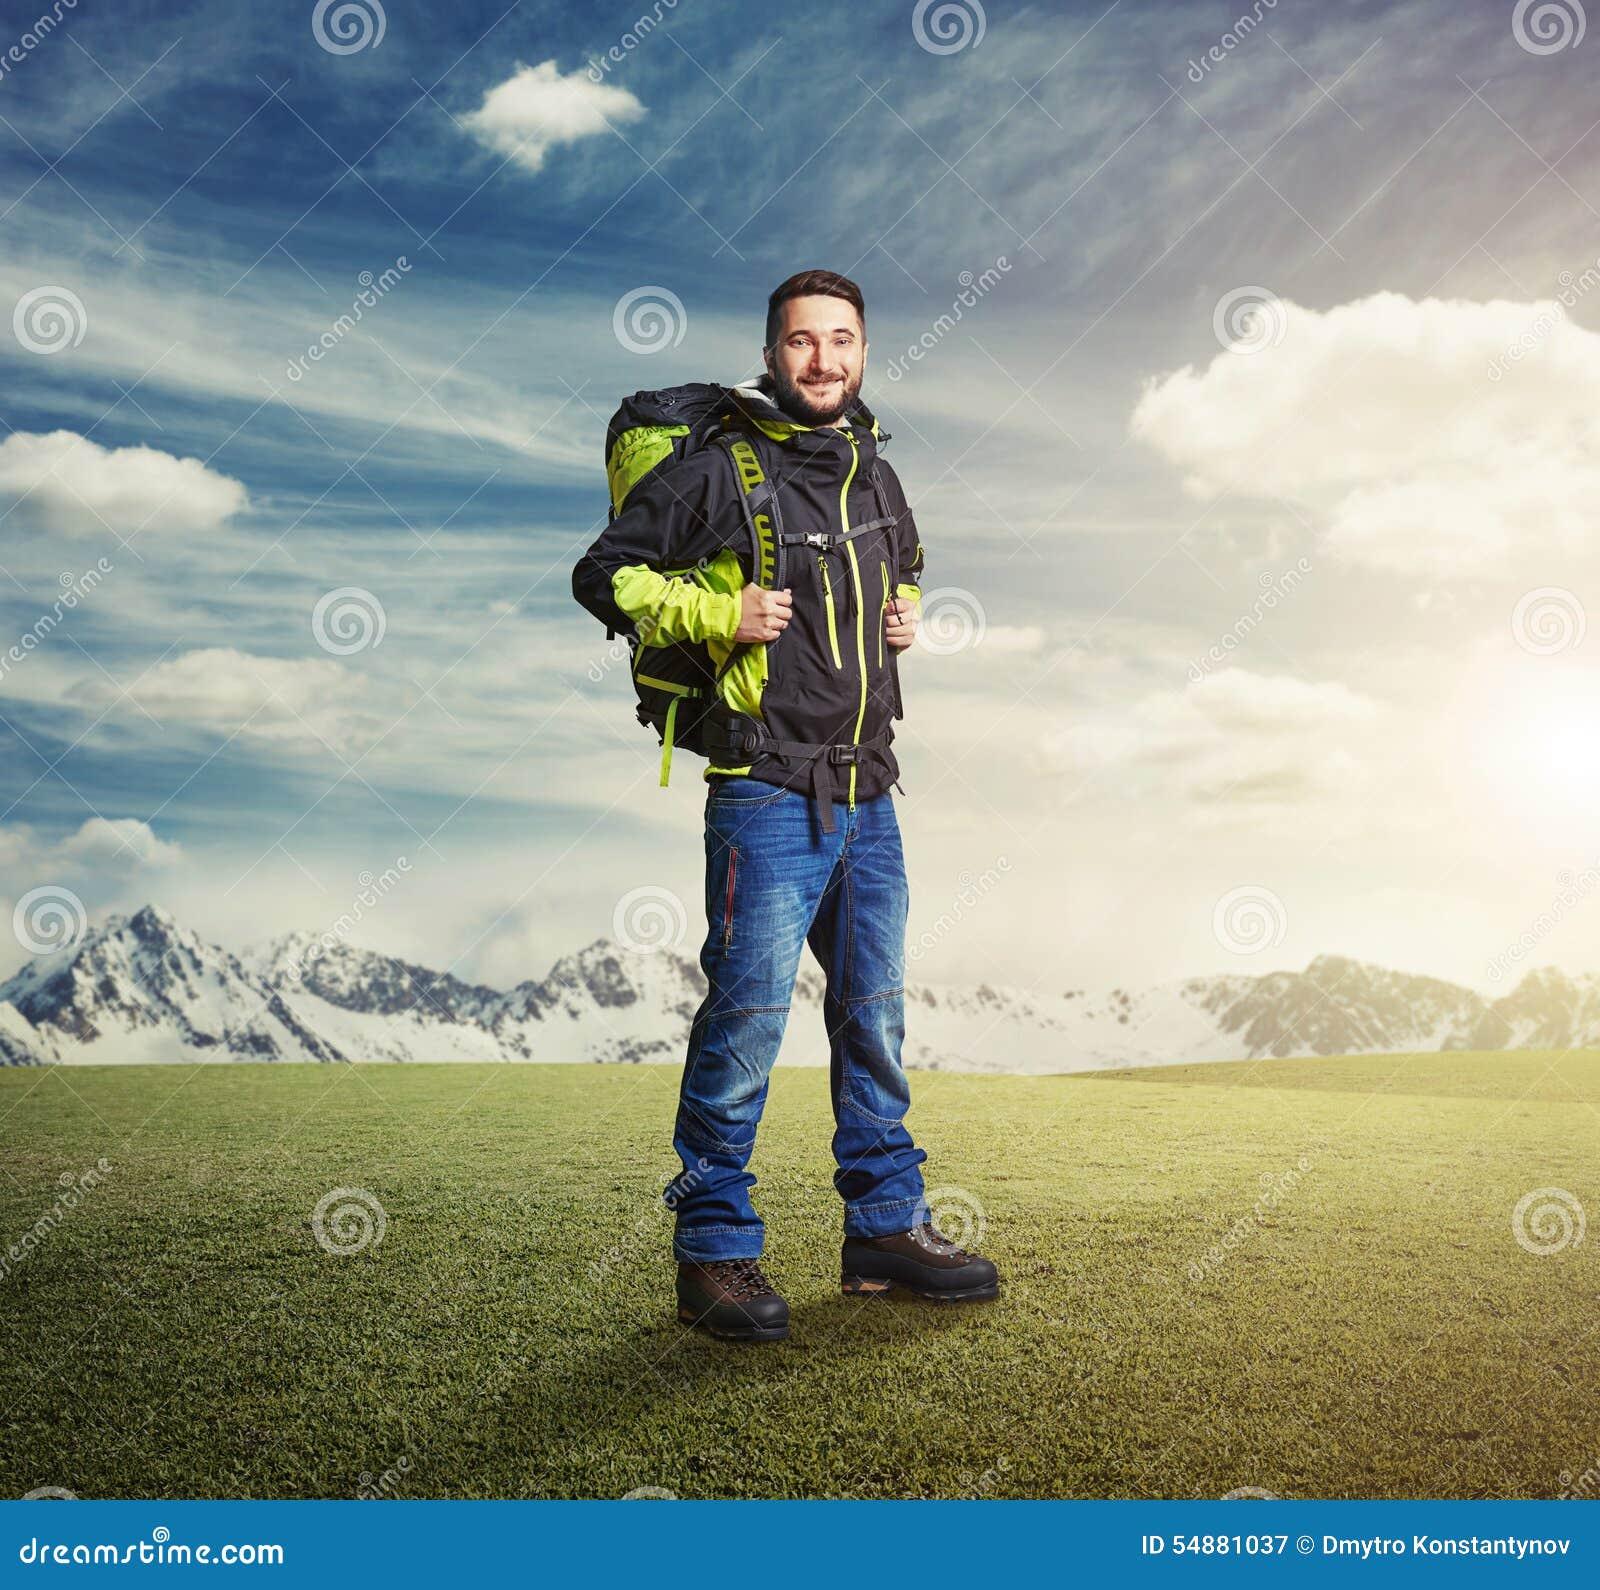 Фотография турист с рюкзаком велорюкзак распродажа